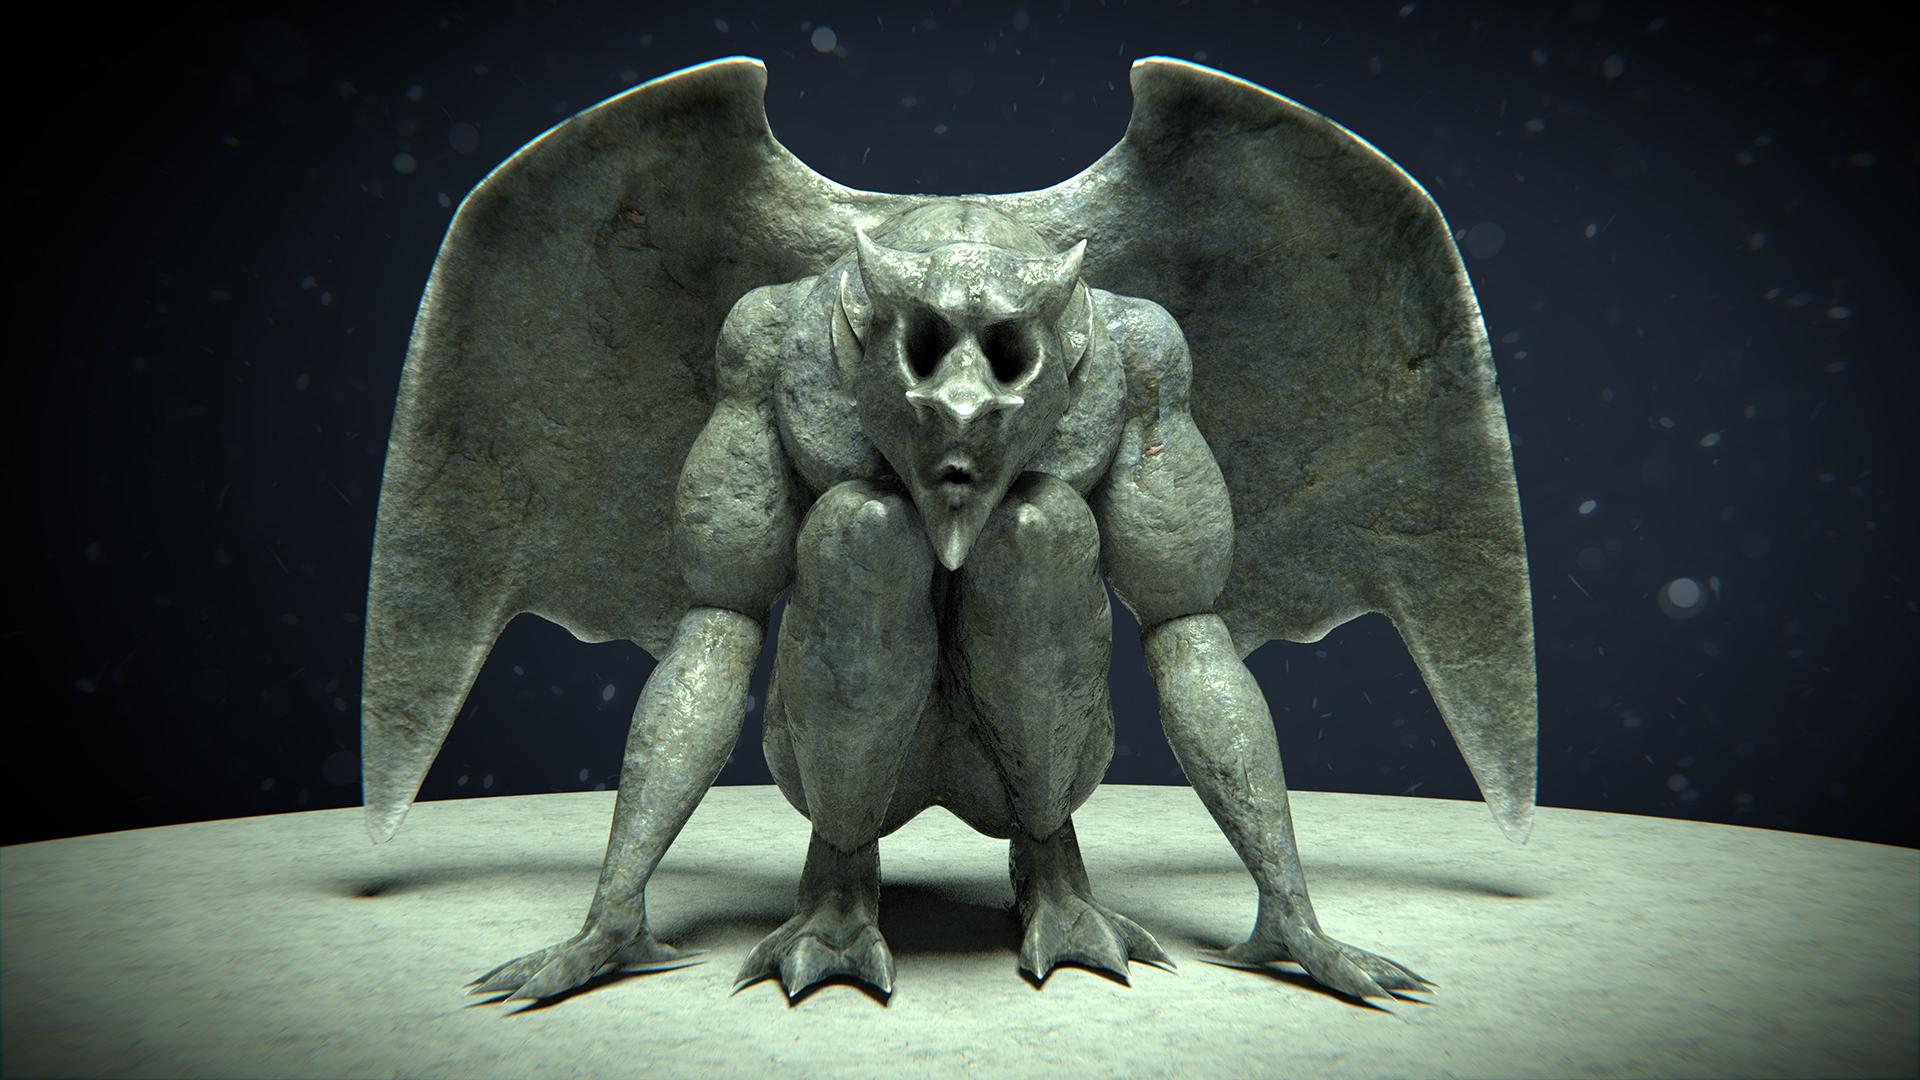 Old Gargoyle